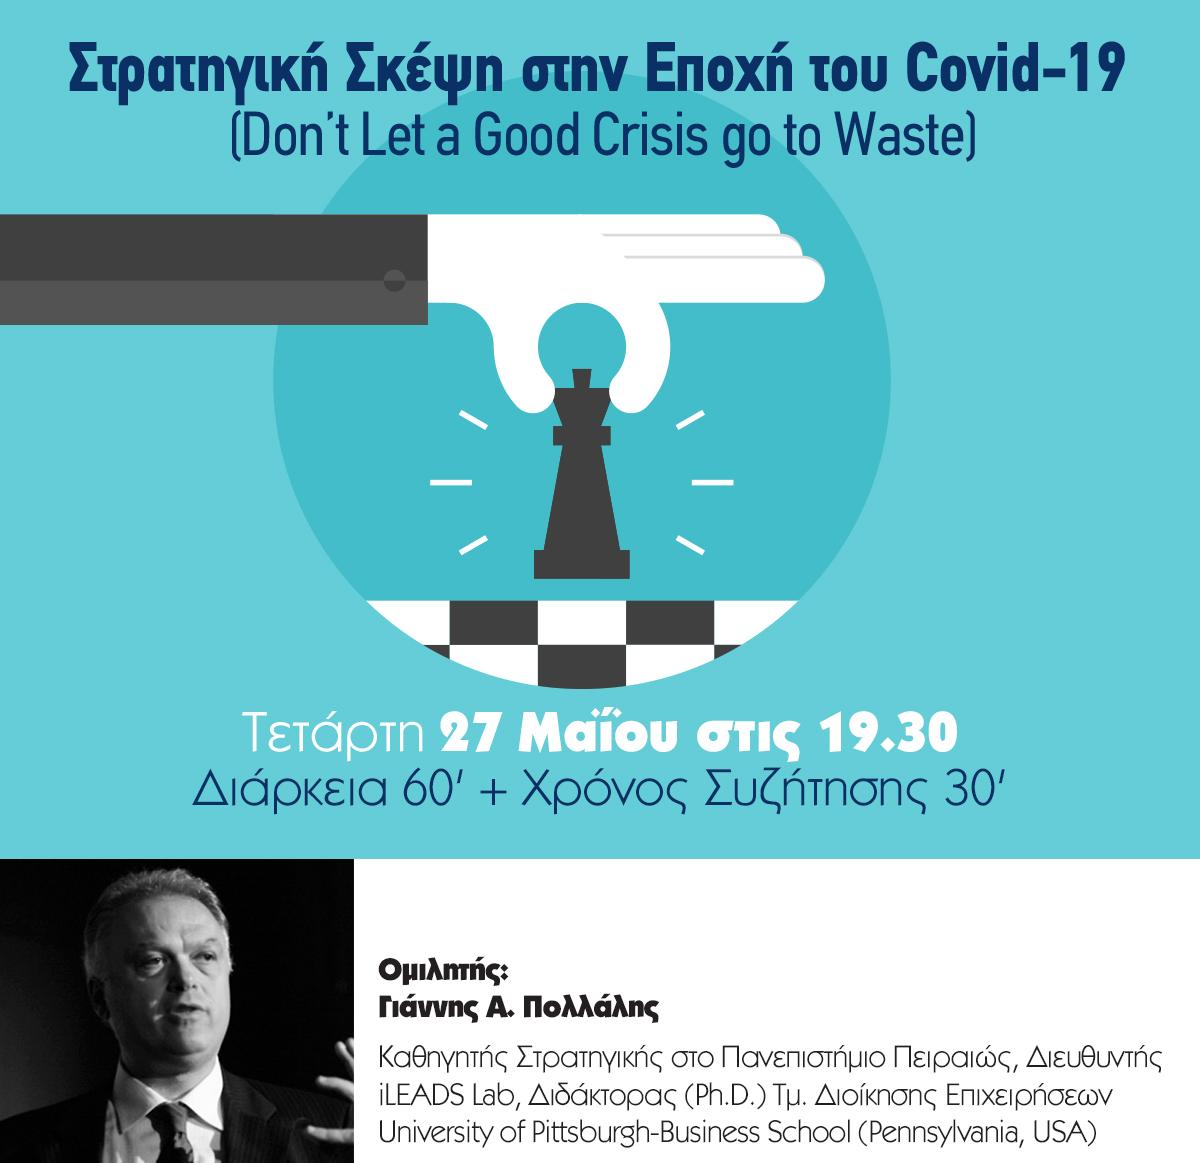 """Δωρεάν Webinar """"Στρατηγική Σκέψη στην Εποχή του Covid-19"""""""